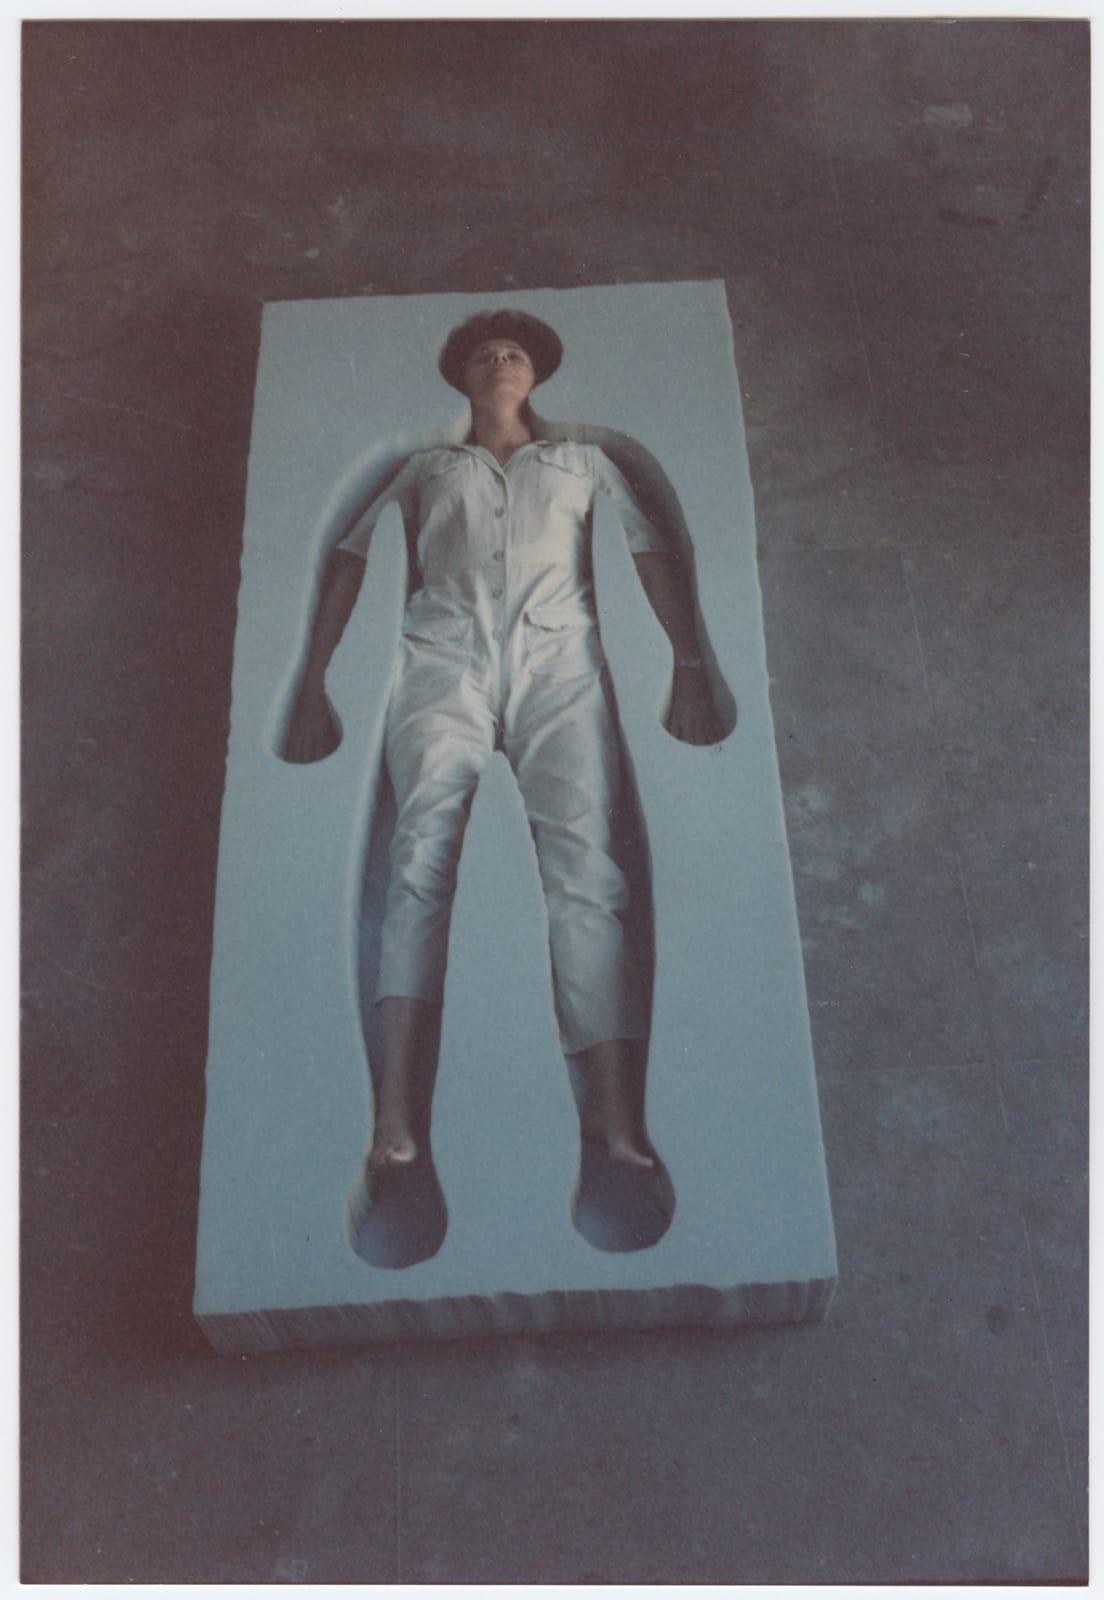 Martha Araújo, Para Um Corpo Nas Suas Impossibilidades, 1987